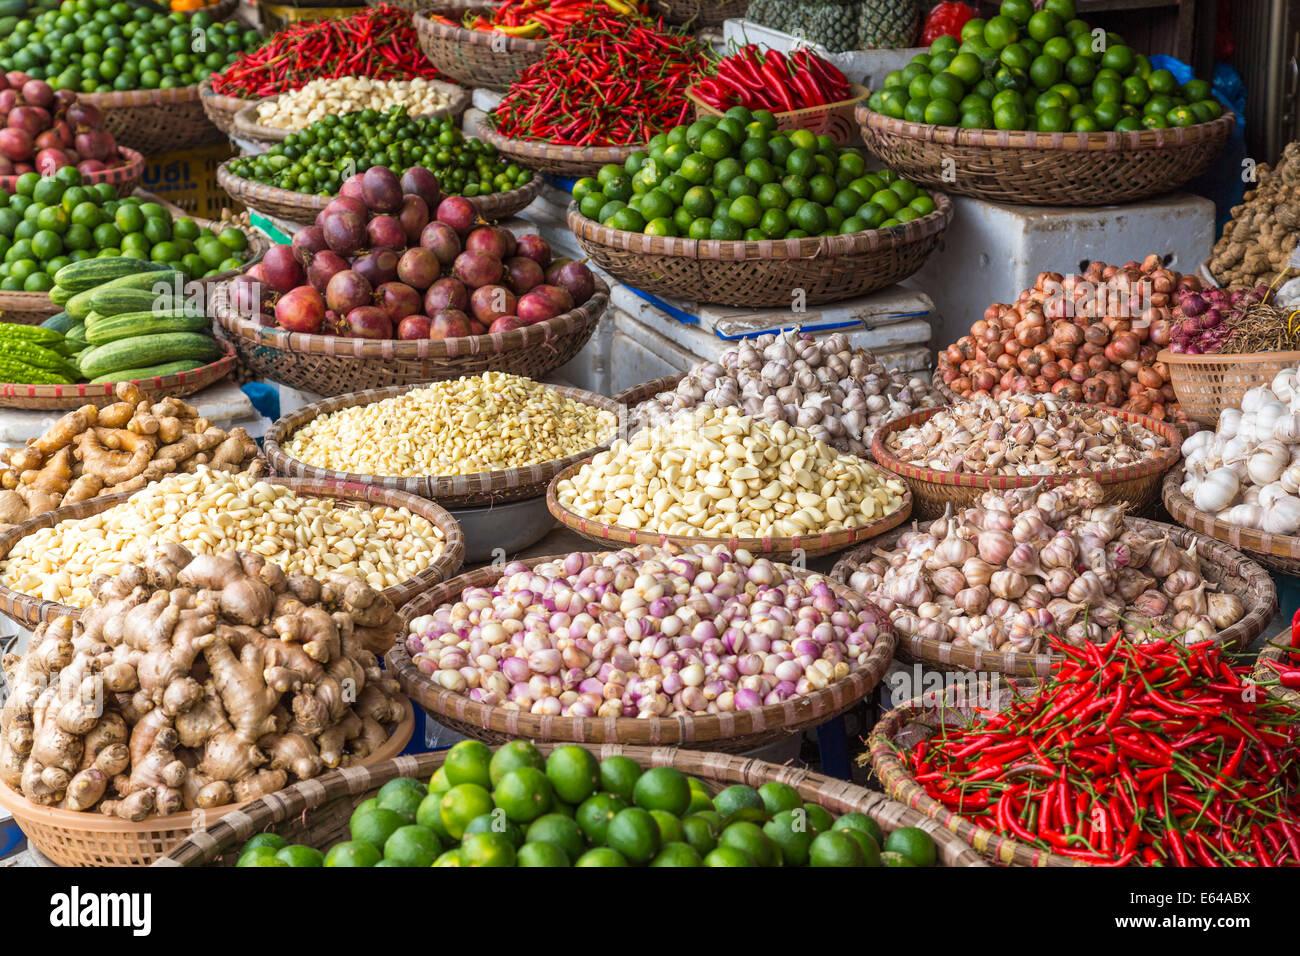 Calado de verduras en el mercado, Hanoi, Vietnam Imagen De Stock